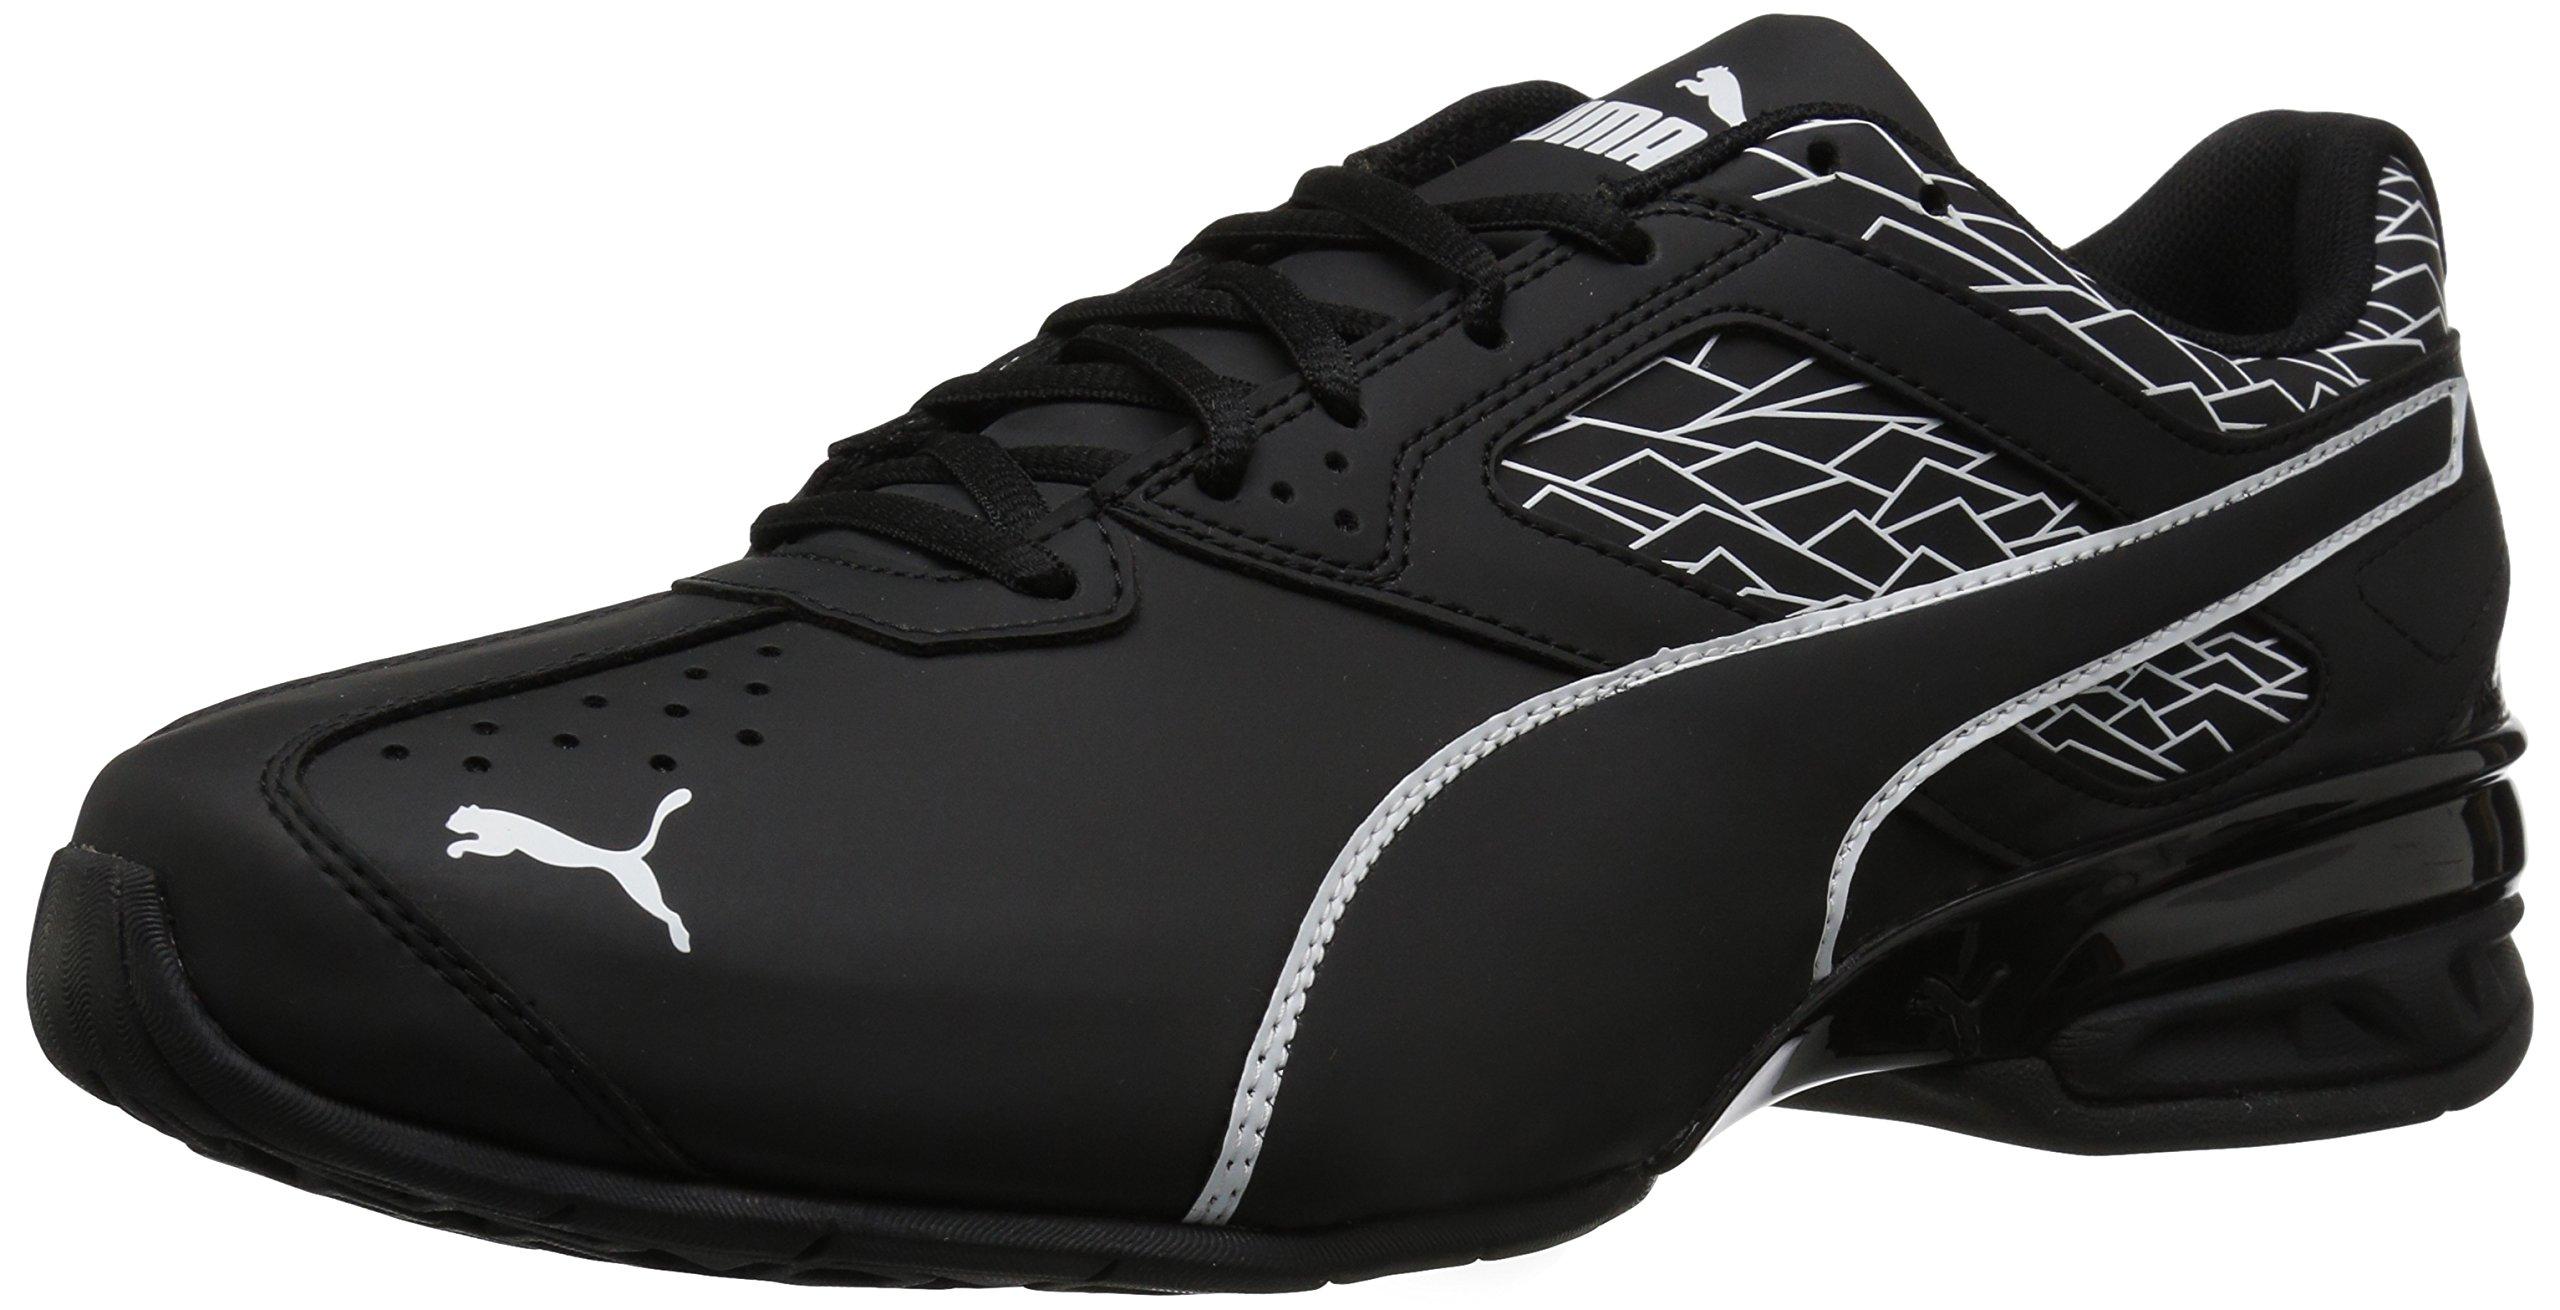 5f83869d8640c PUMA Men's Tazon 6 Fracture FM Sneaker, Black, 10 M US - 18987503 ...